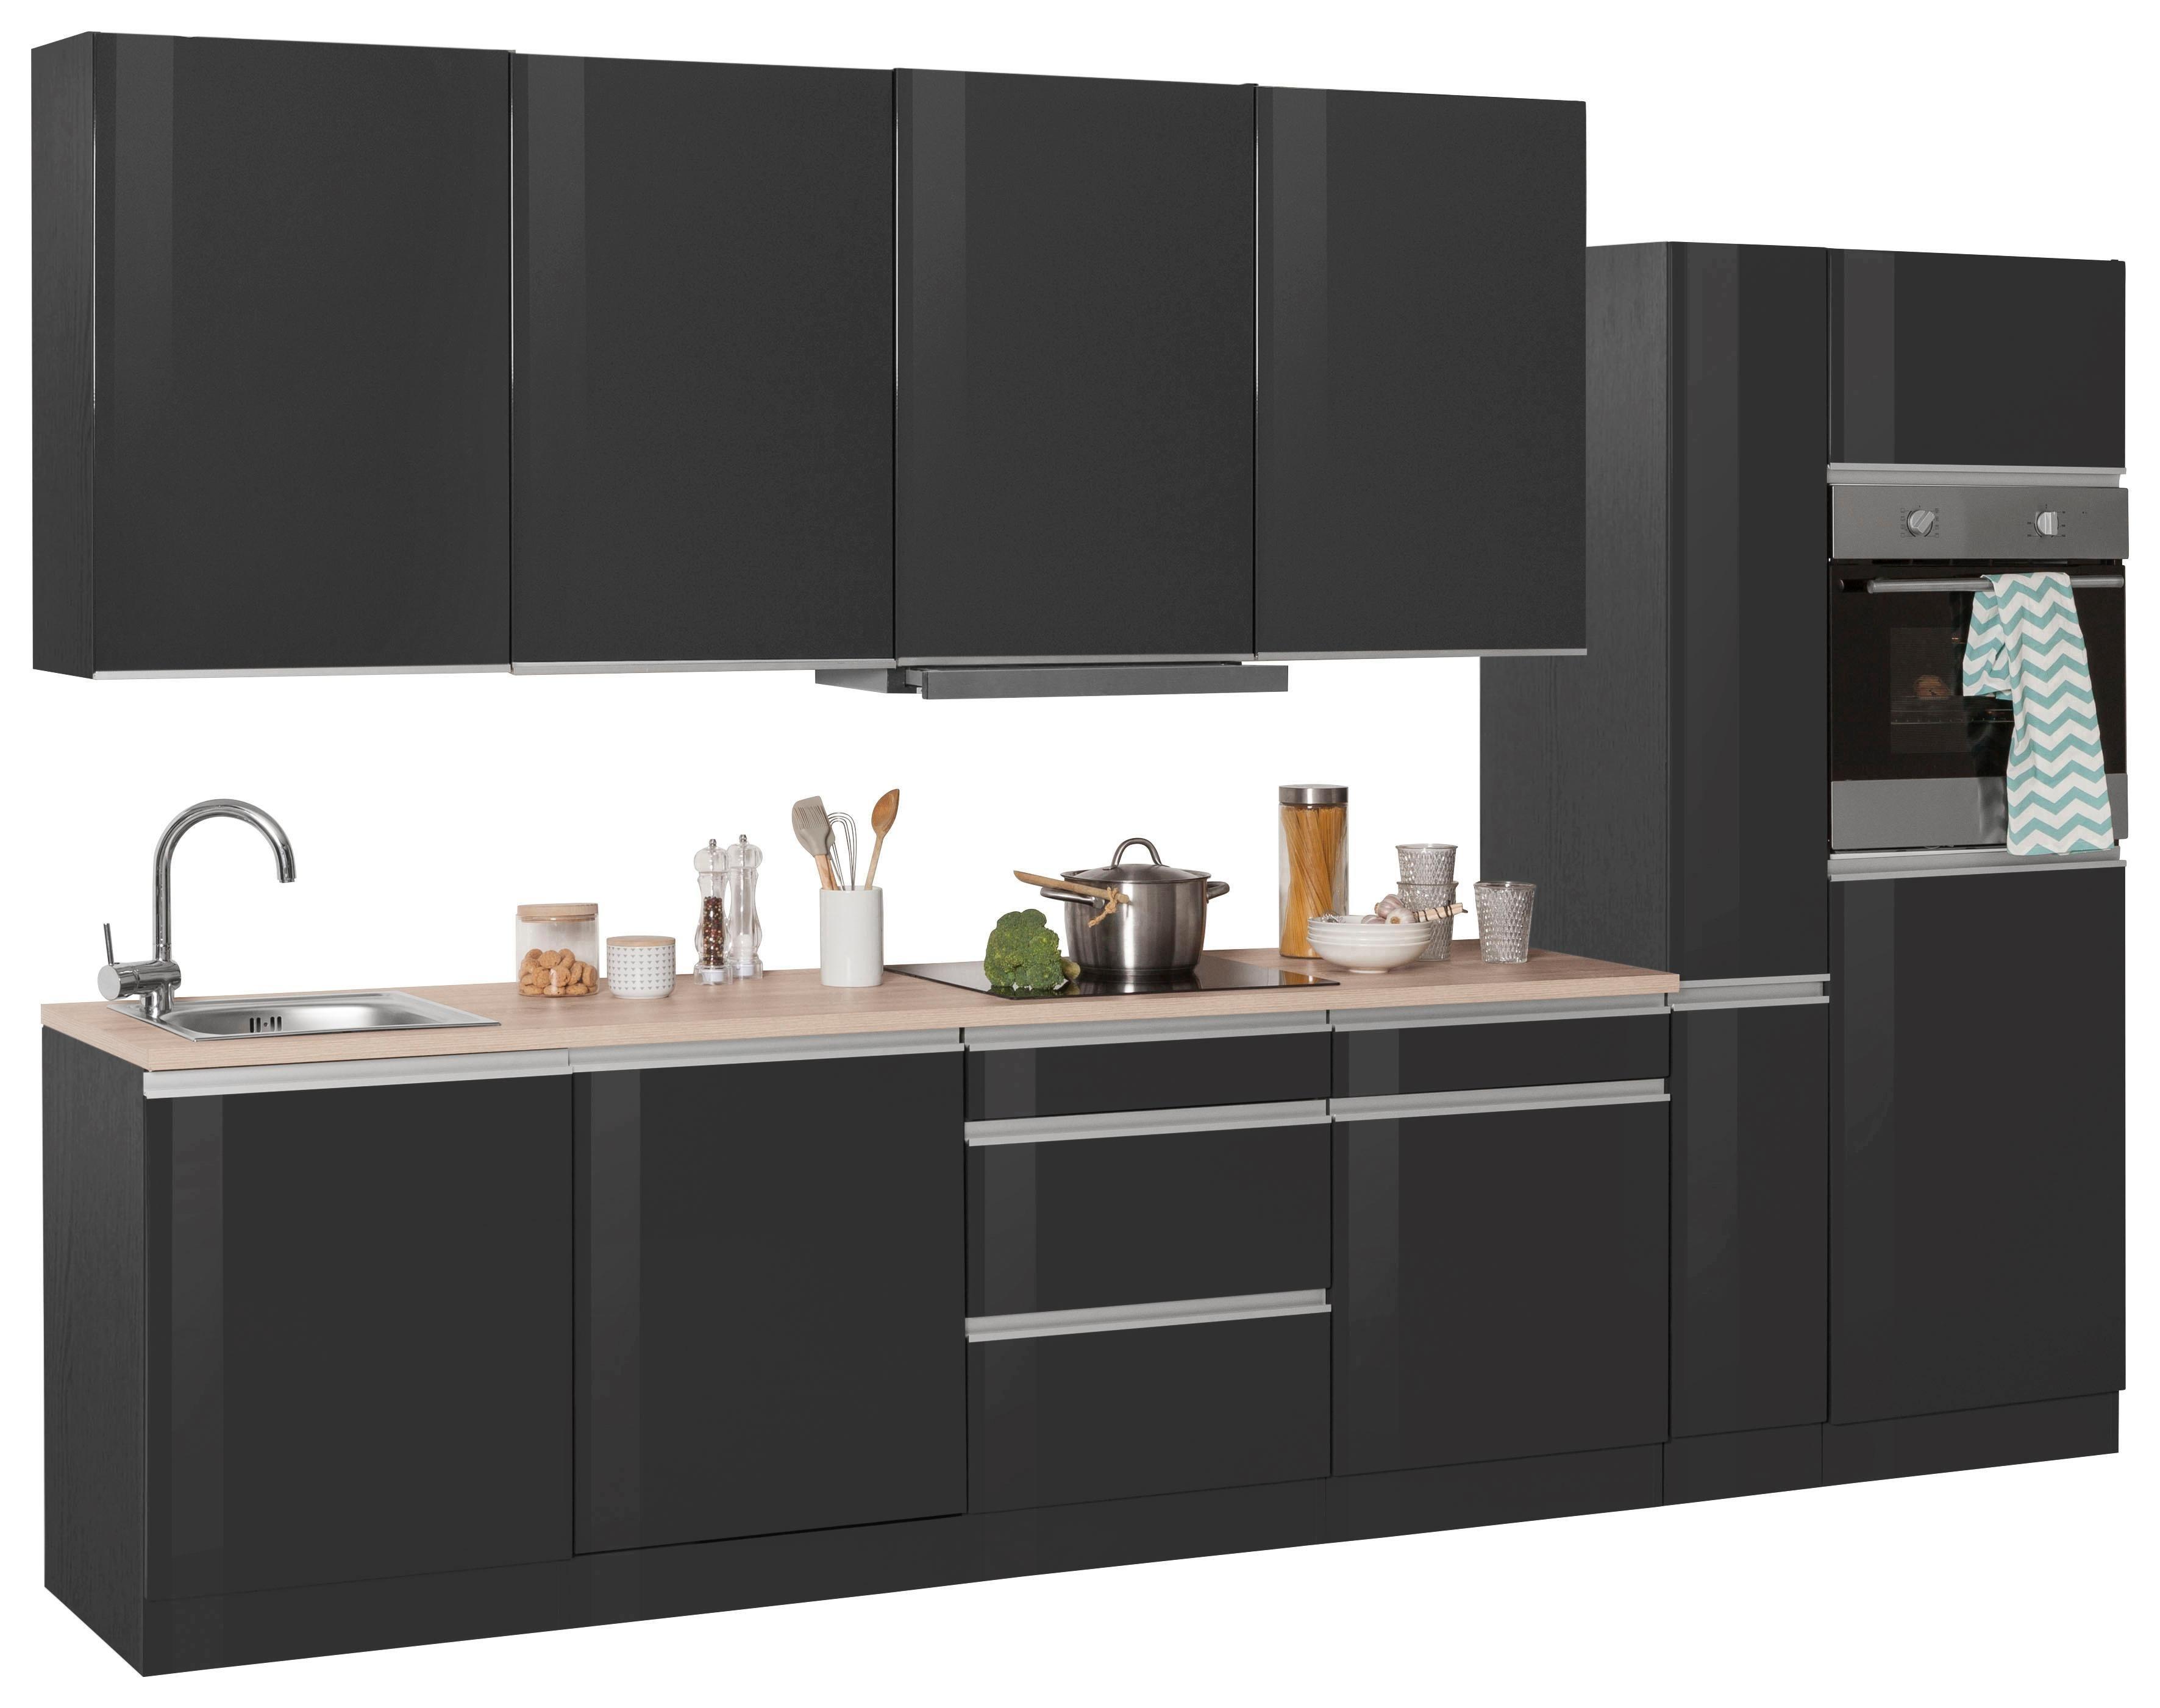 HELD MÖBEL Küchenzeile mit E-Geräten »Ohio«, Breite 330 cm